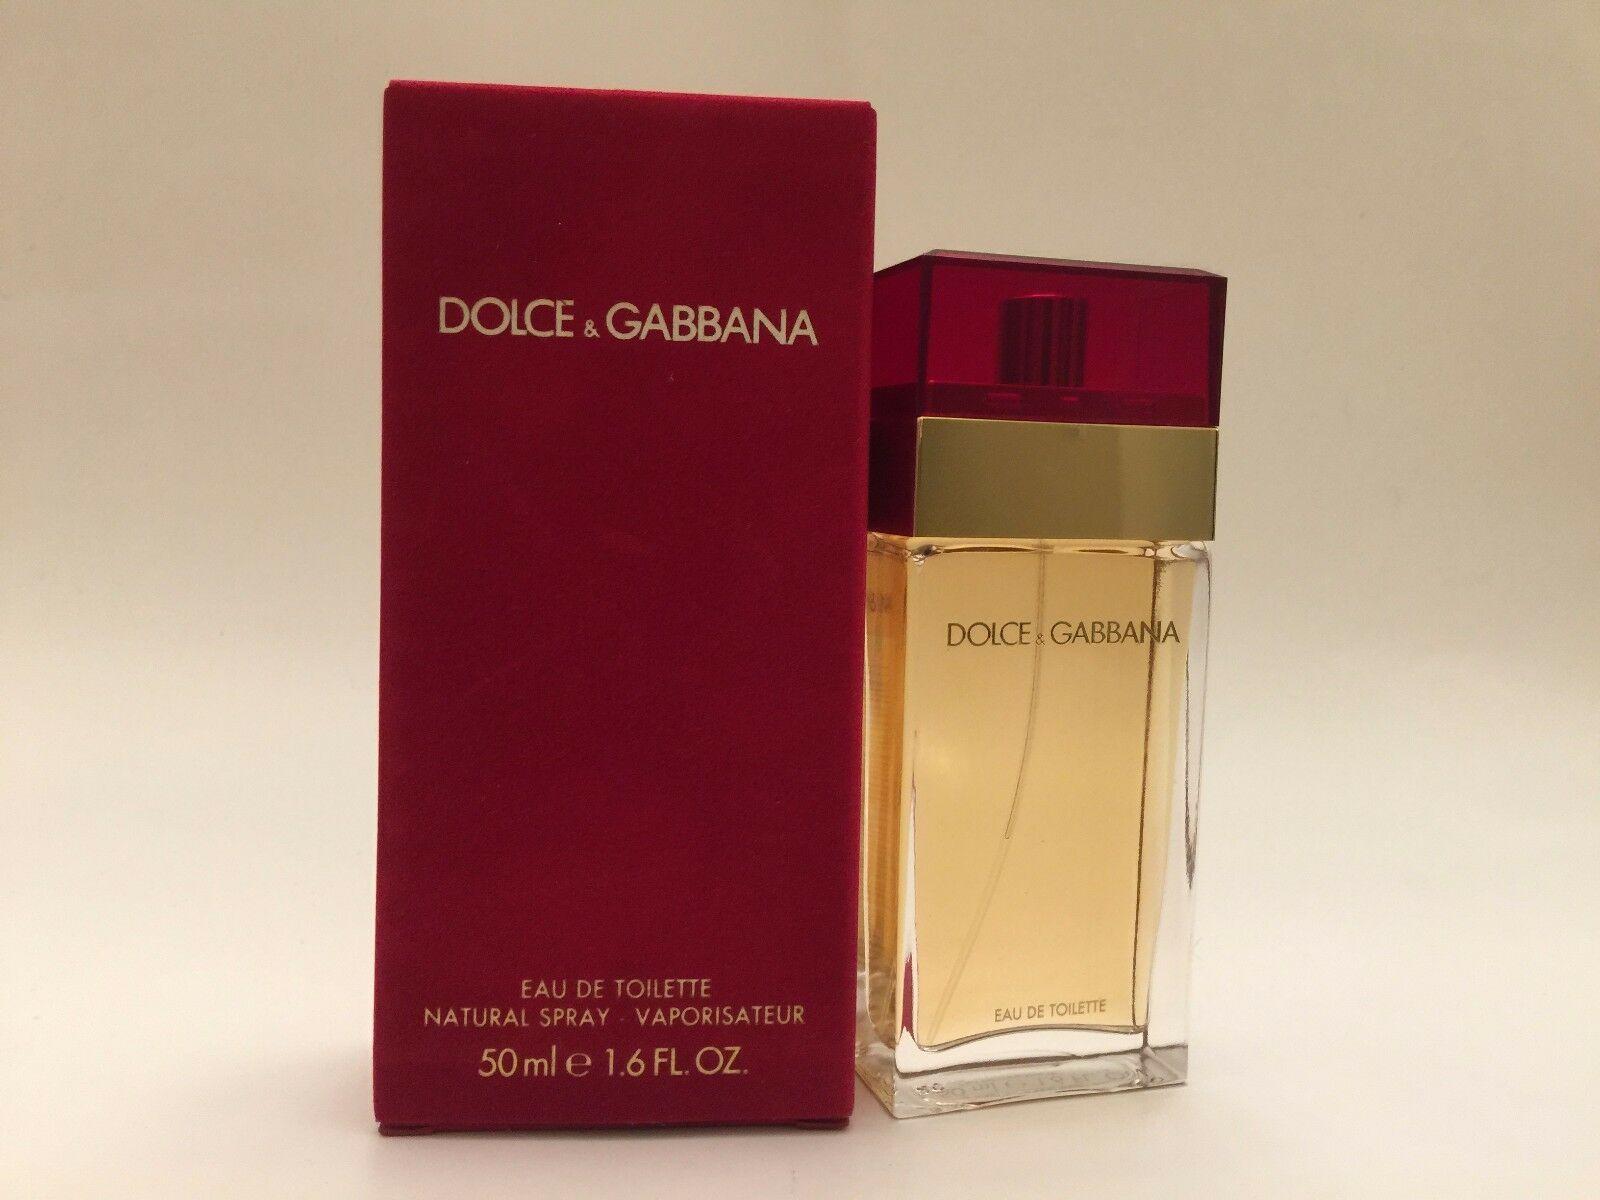 Aaaaaadolce   gabbana red 1.6 oz perfume